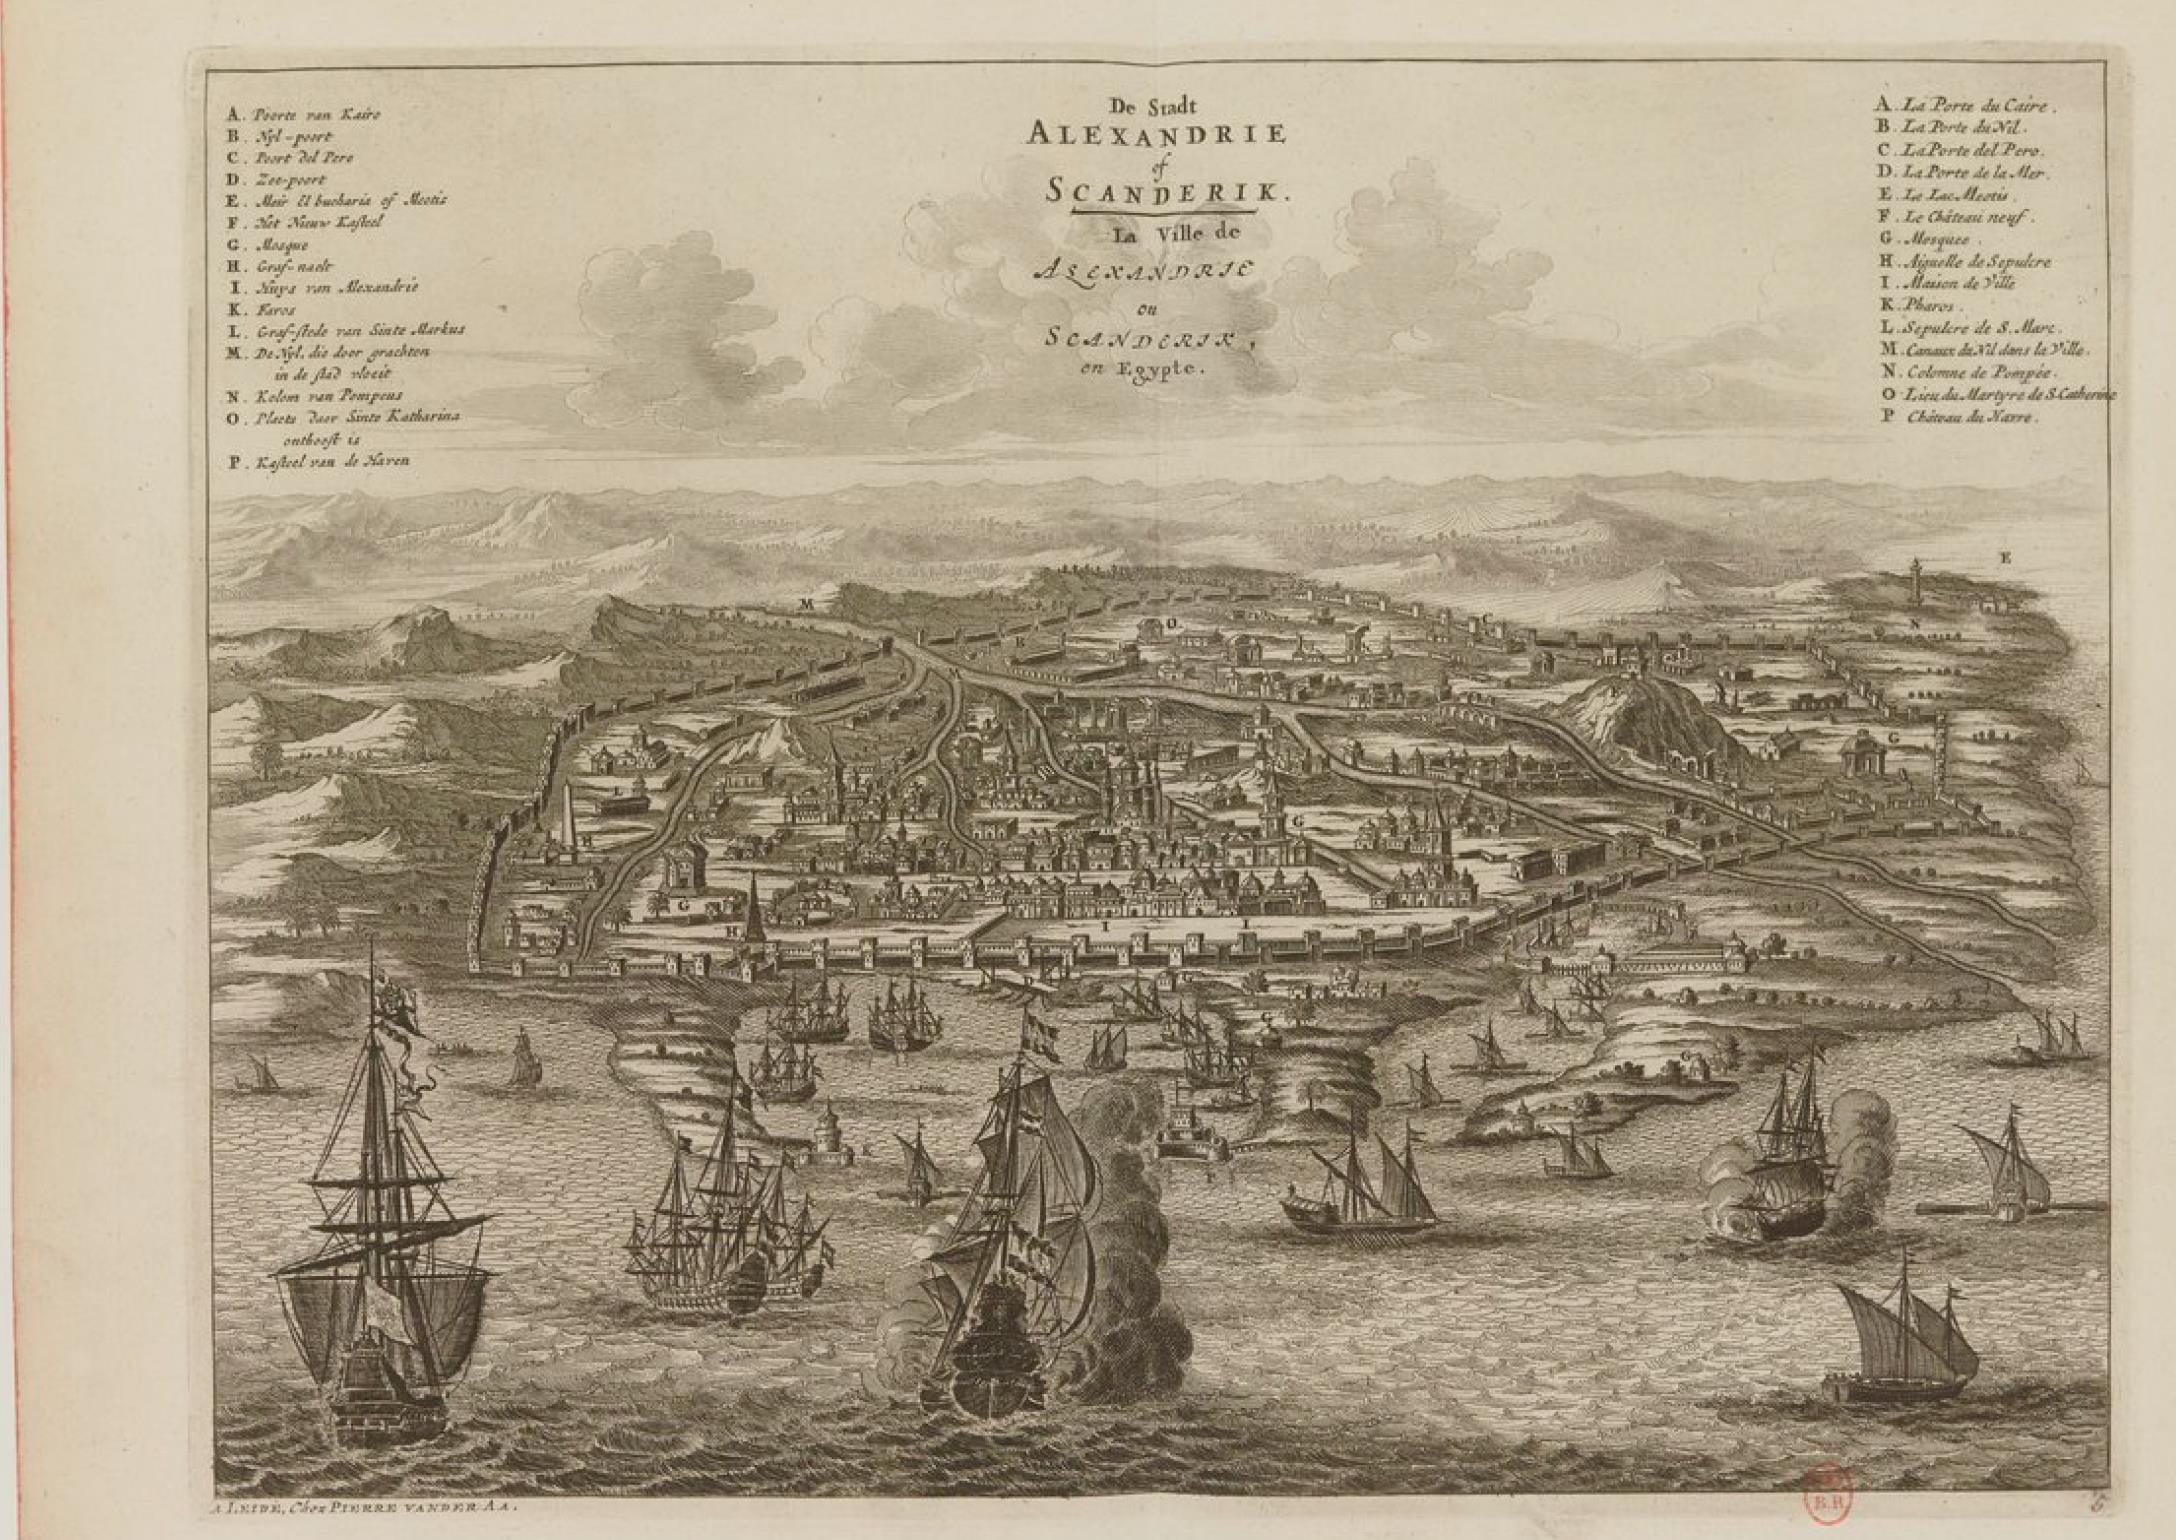 07. Александрия или Скандерик